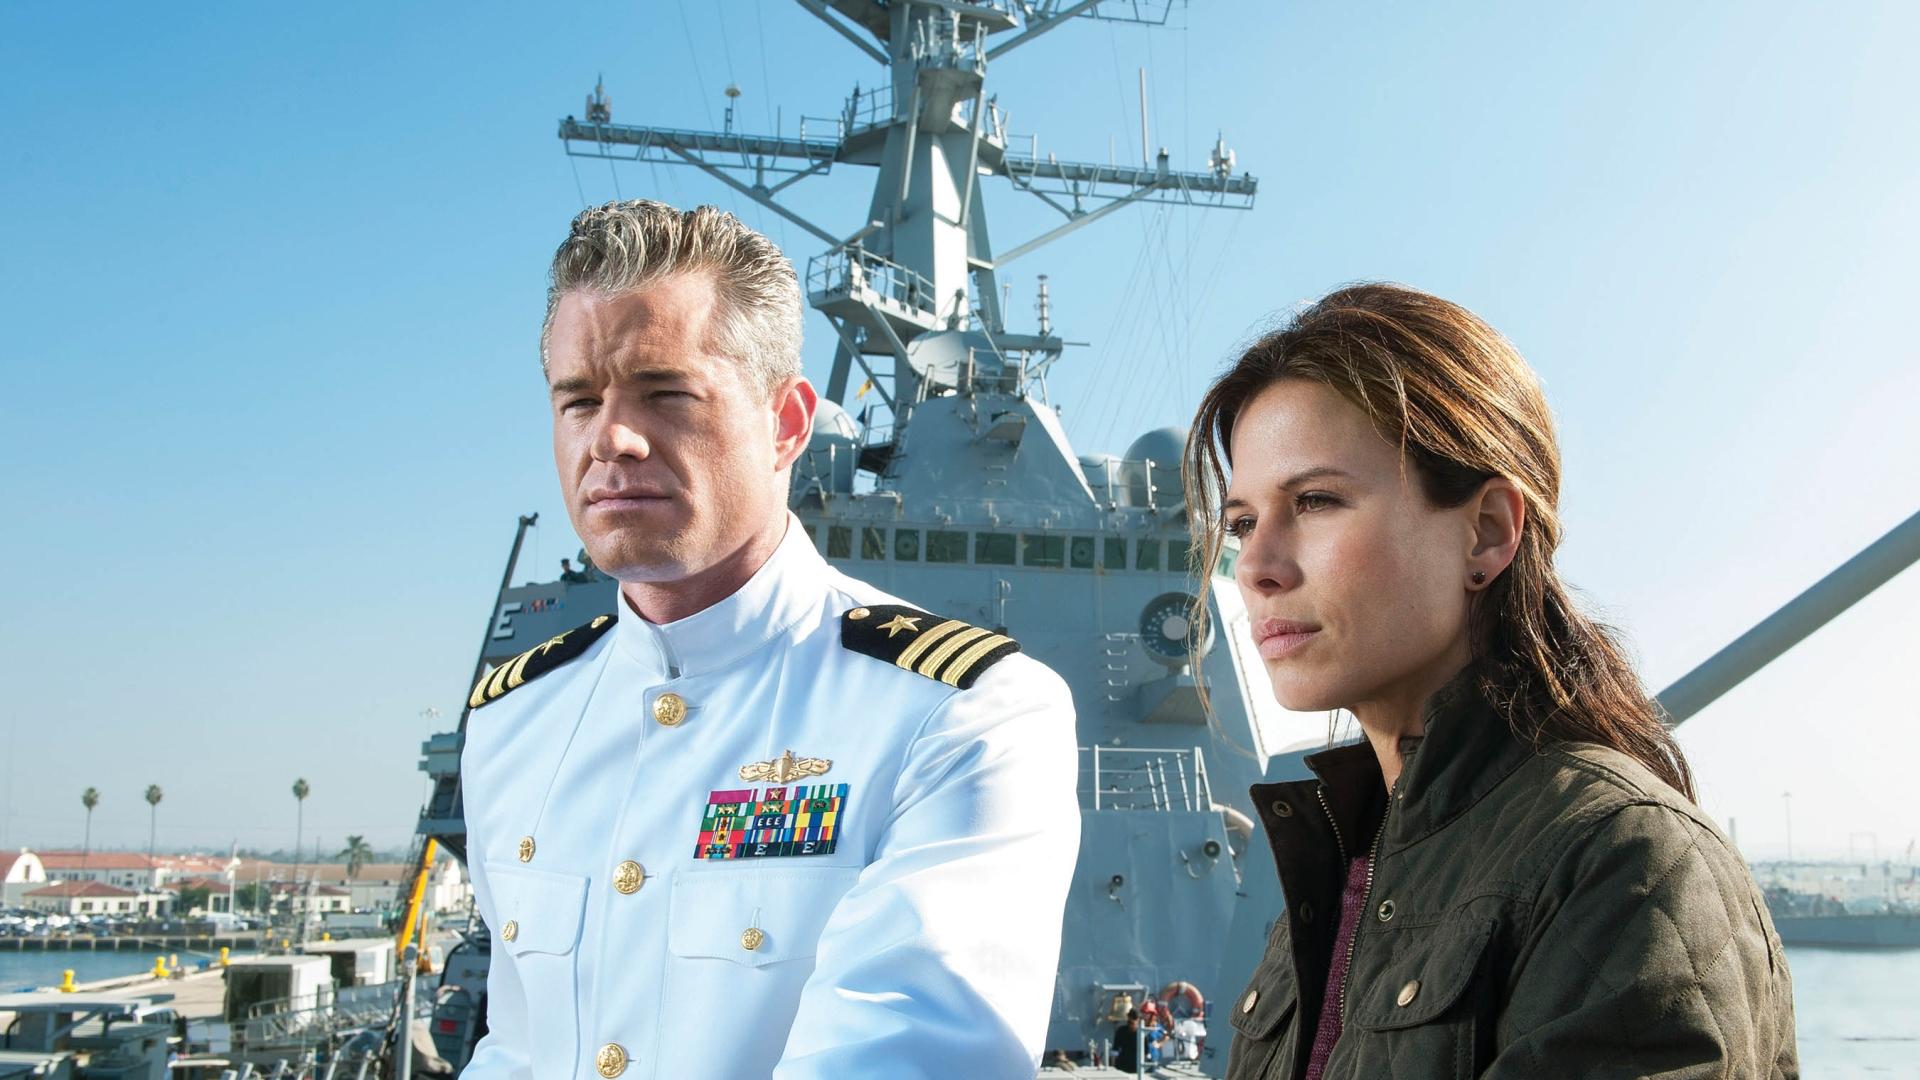 Vijfde seizoen laatste voor actieserie The Last Ship